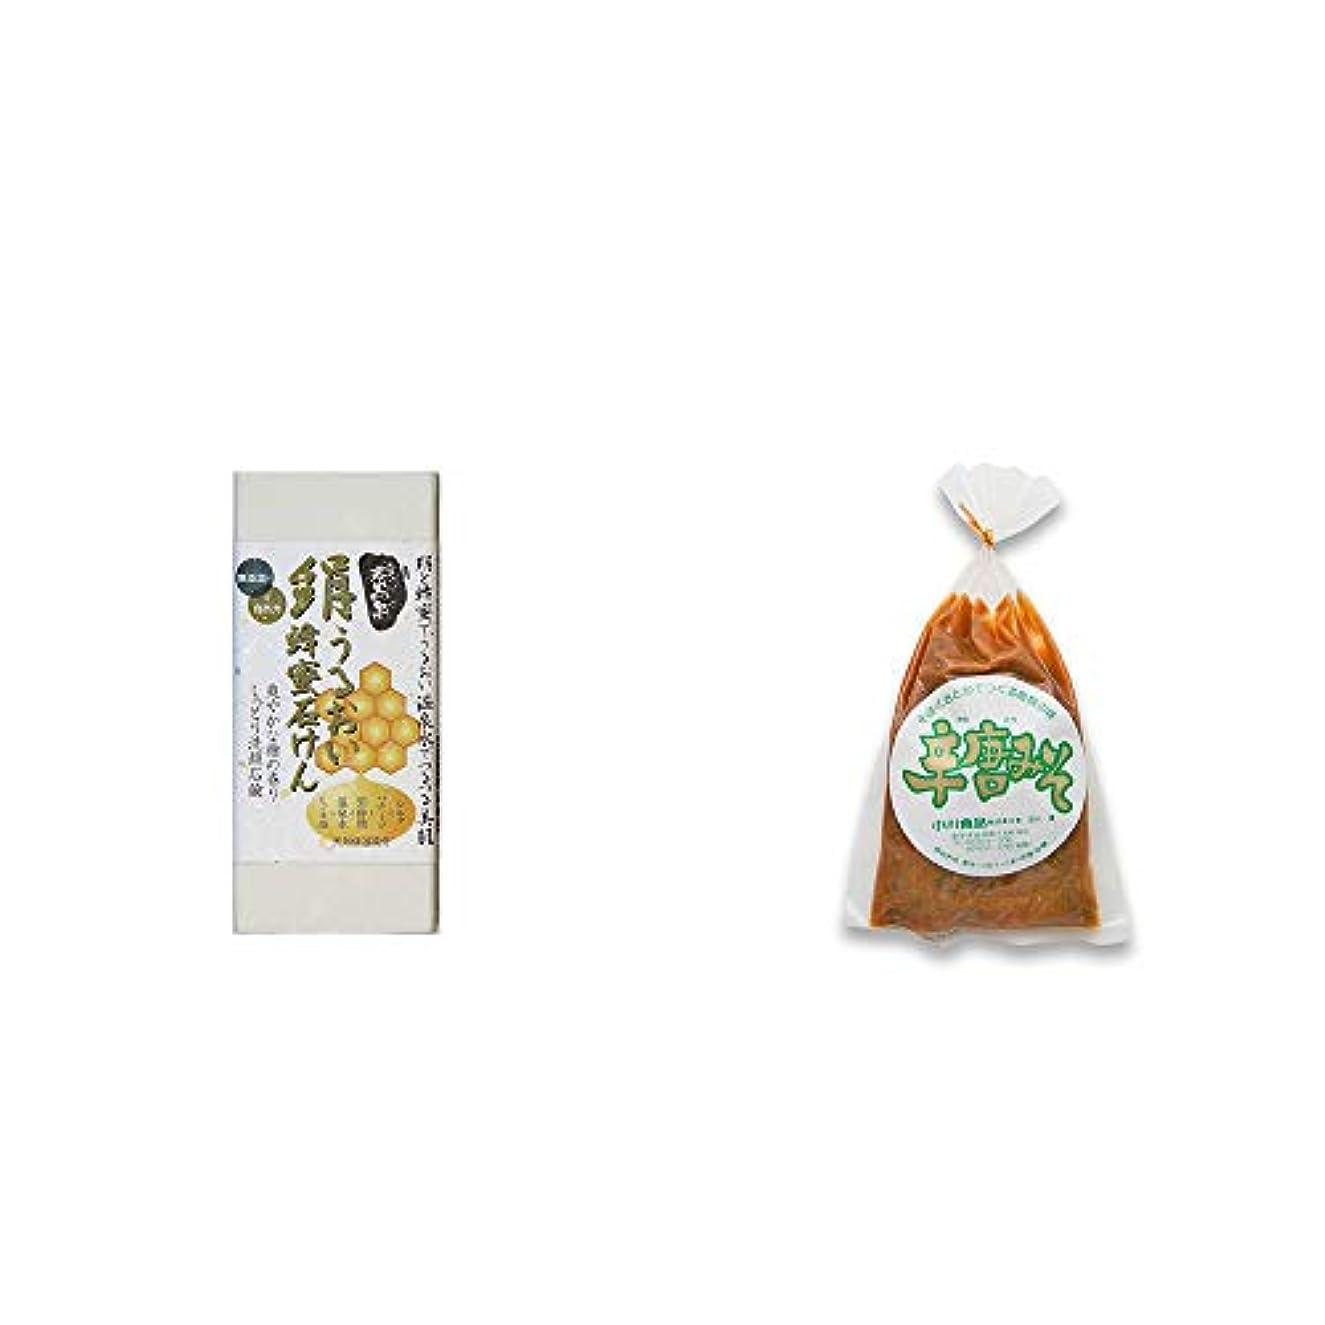 安全なエーカー選出する[2点セット] ひのき炭黒泉 絹うるおい蜂蜜石けん(75g×2)?辛唐みそ(130g)